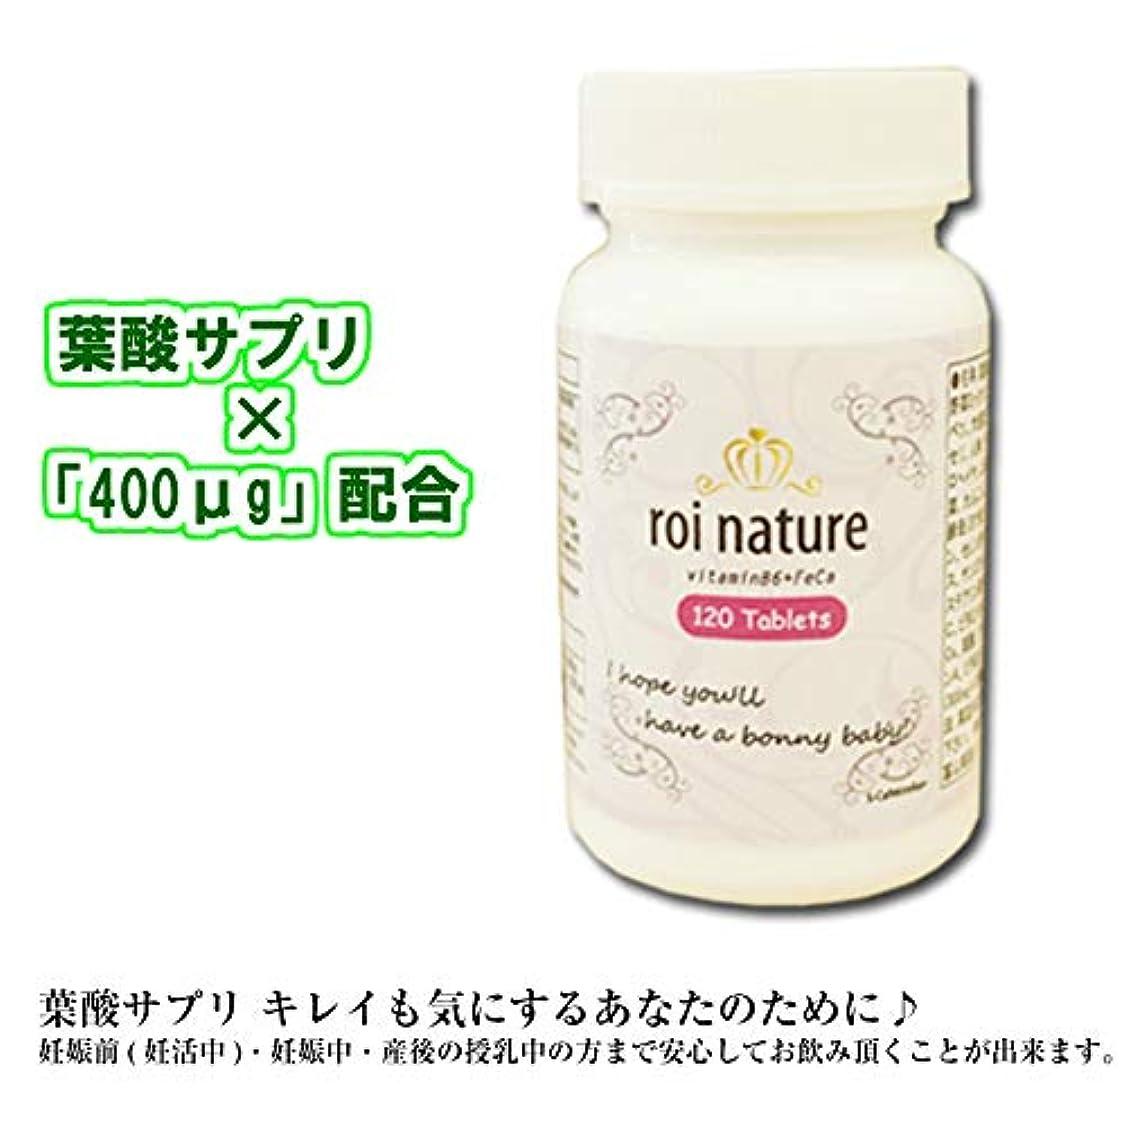 パラダイス召集するワーディアンケース葉酸サプリ roi nature ロイナチュレ 約1か月分